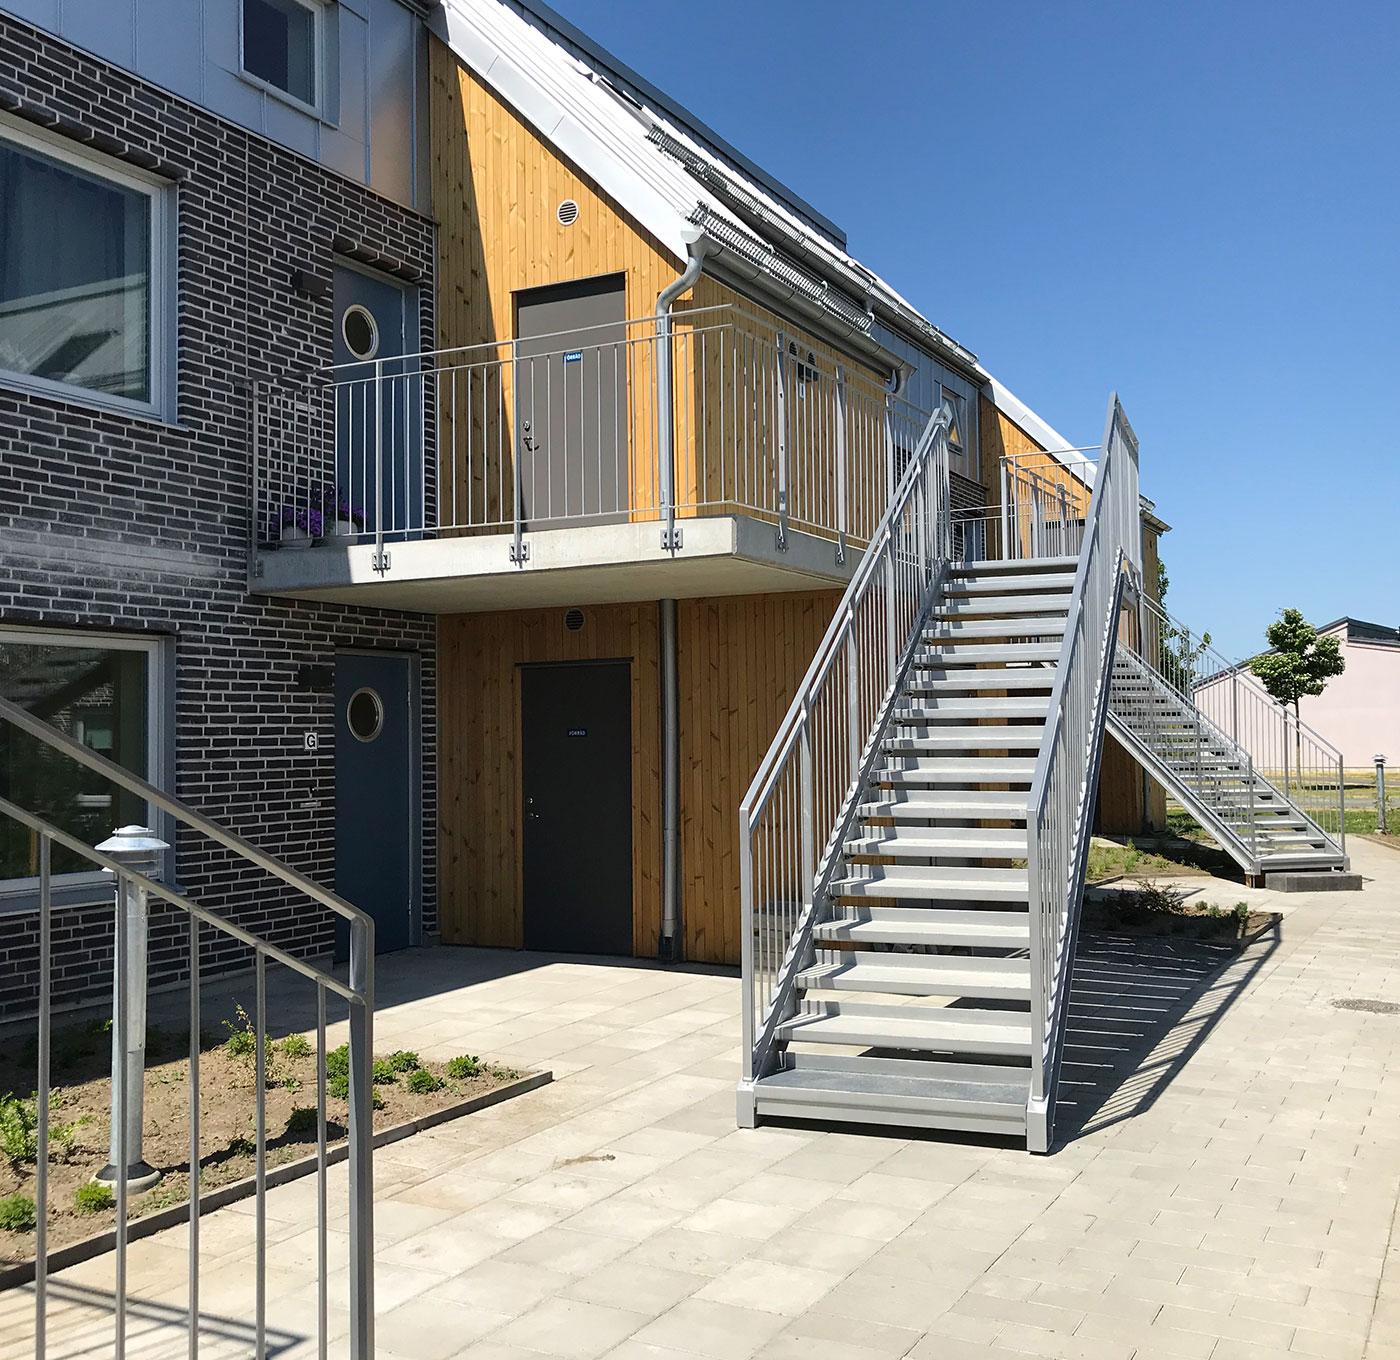 Barnsäker rak trappa utomhus med steg av plåt